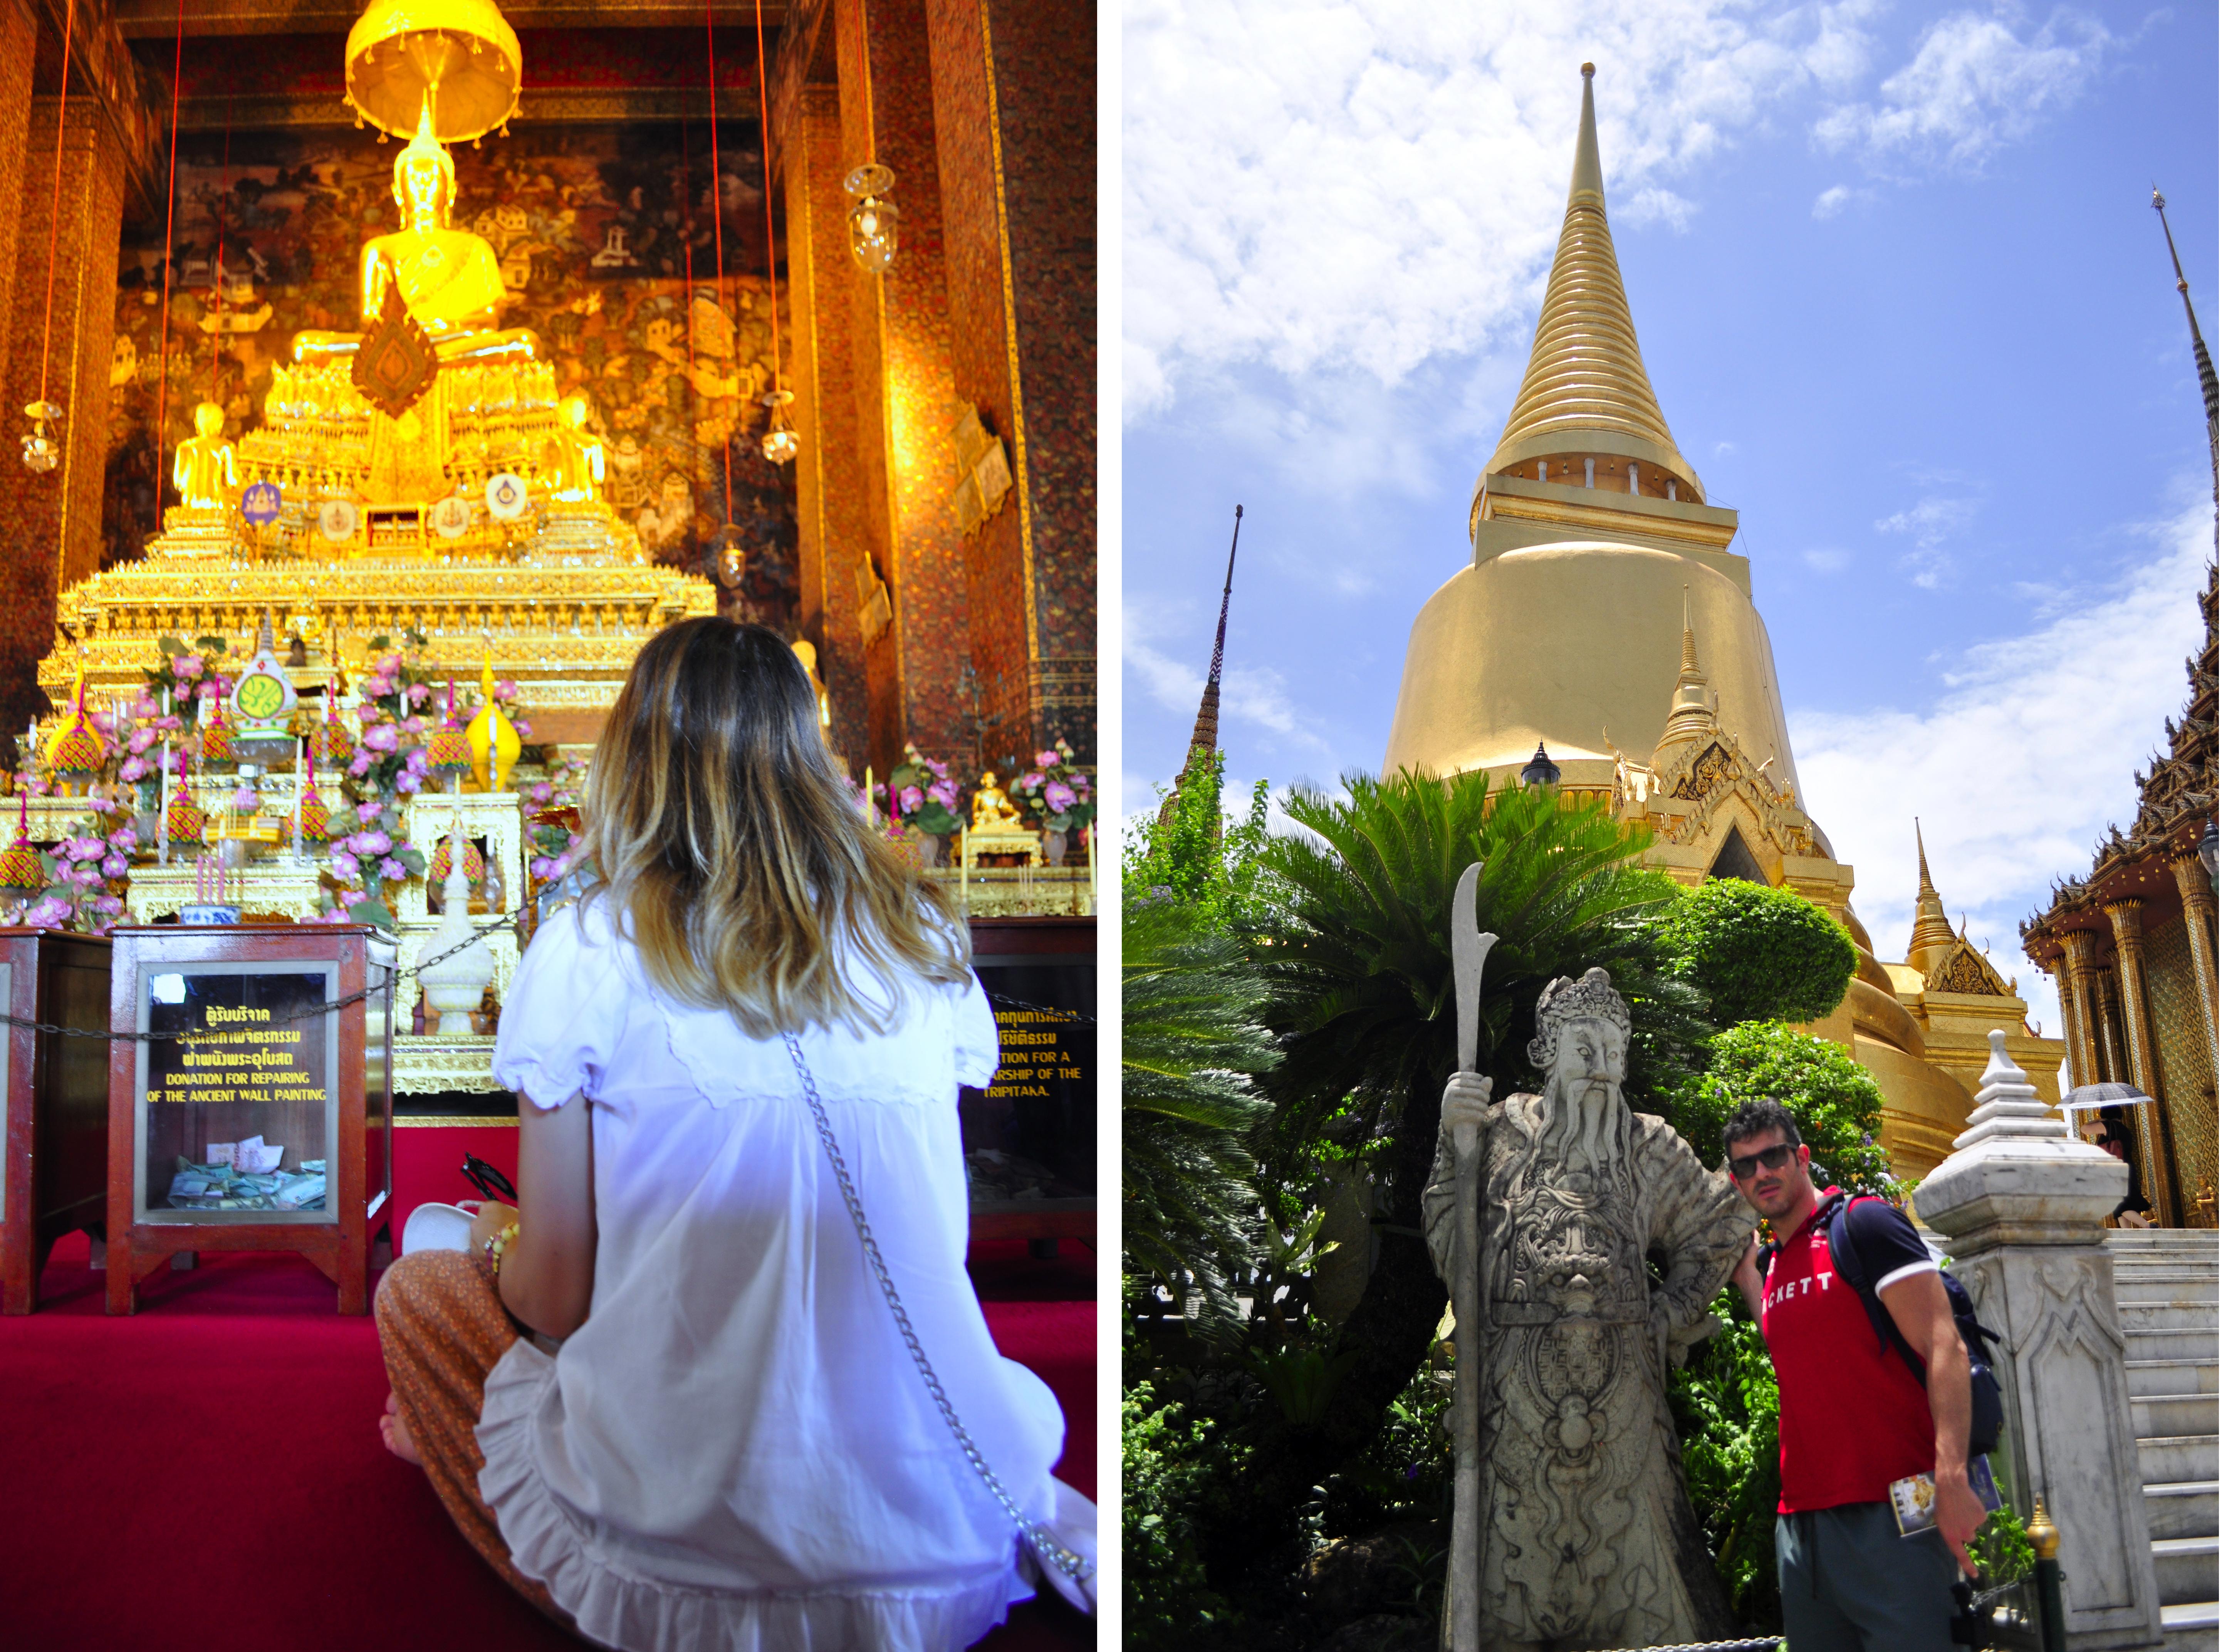 10 cosas que NO debes hacer en Tailandia 10 cosas que no debes hacer en tailandia - 40578977981 fd6240c946 o - 10 cosas que NO debes hacer en Tailandia